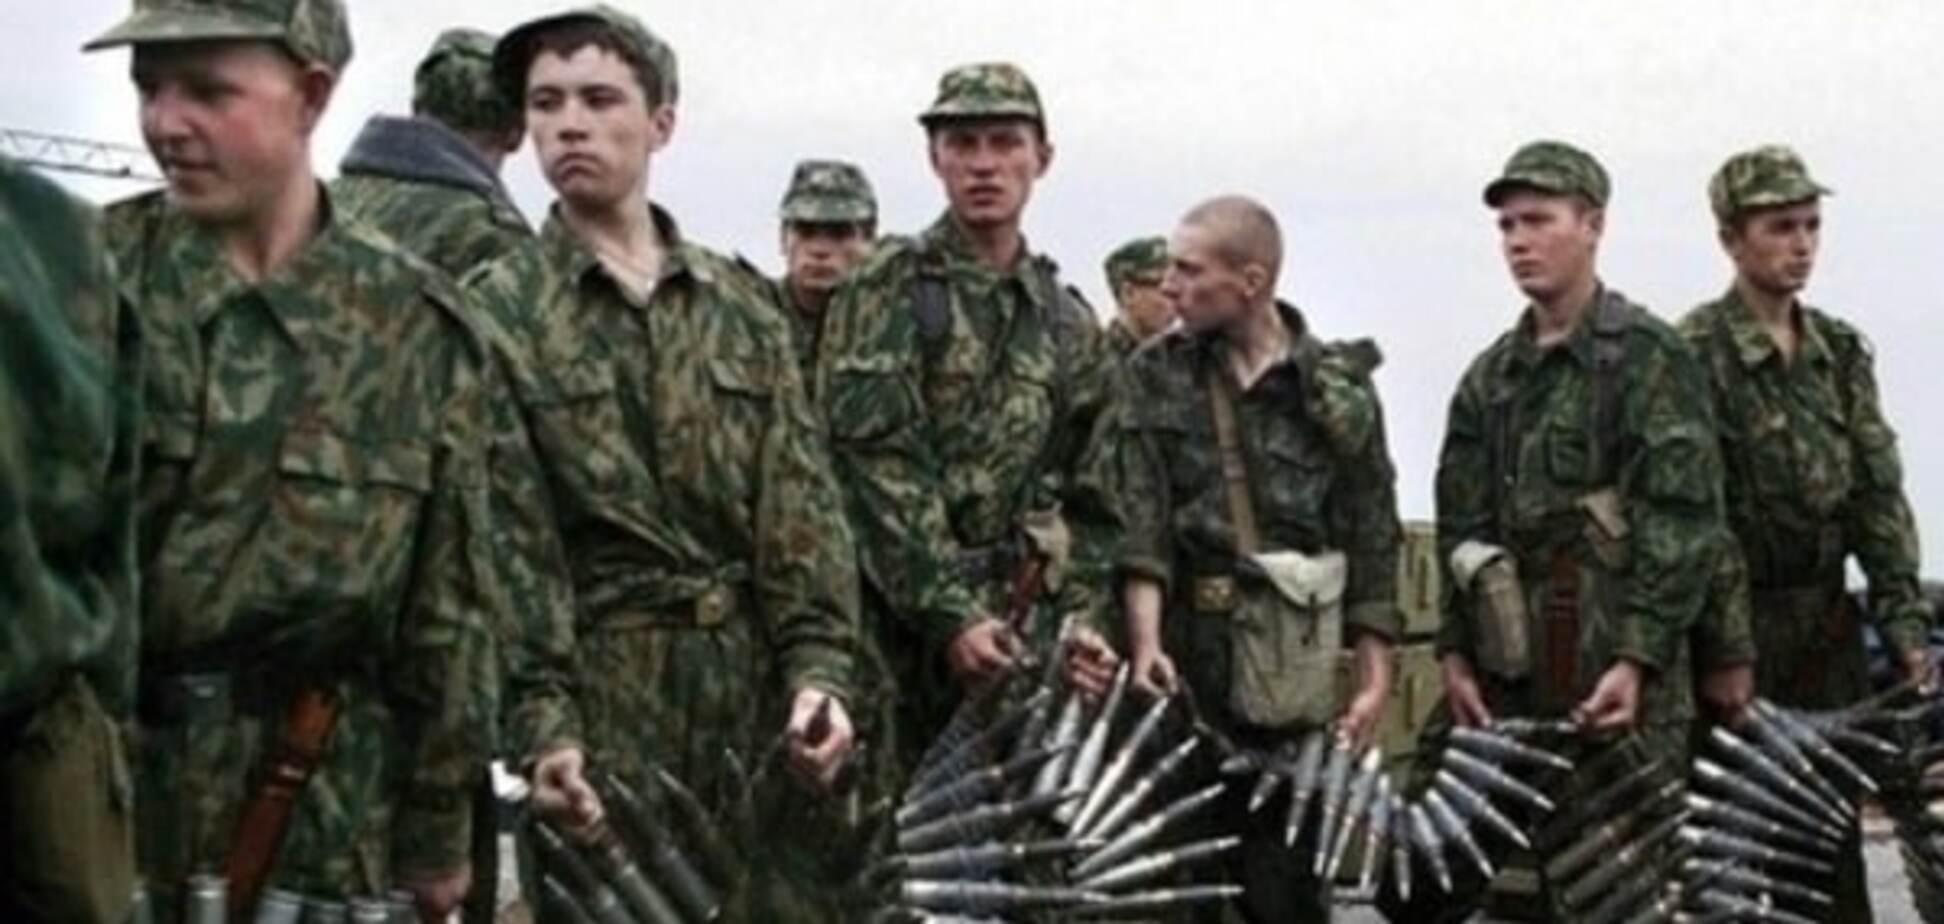 Вторжение? Эксперт пояснил, зачем России нужна военная база у границы с Украиной